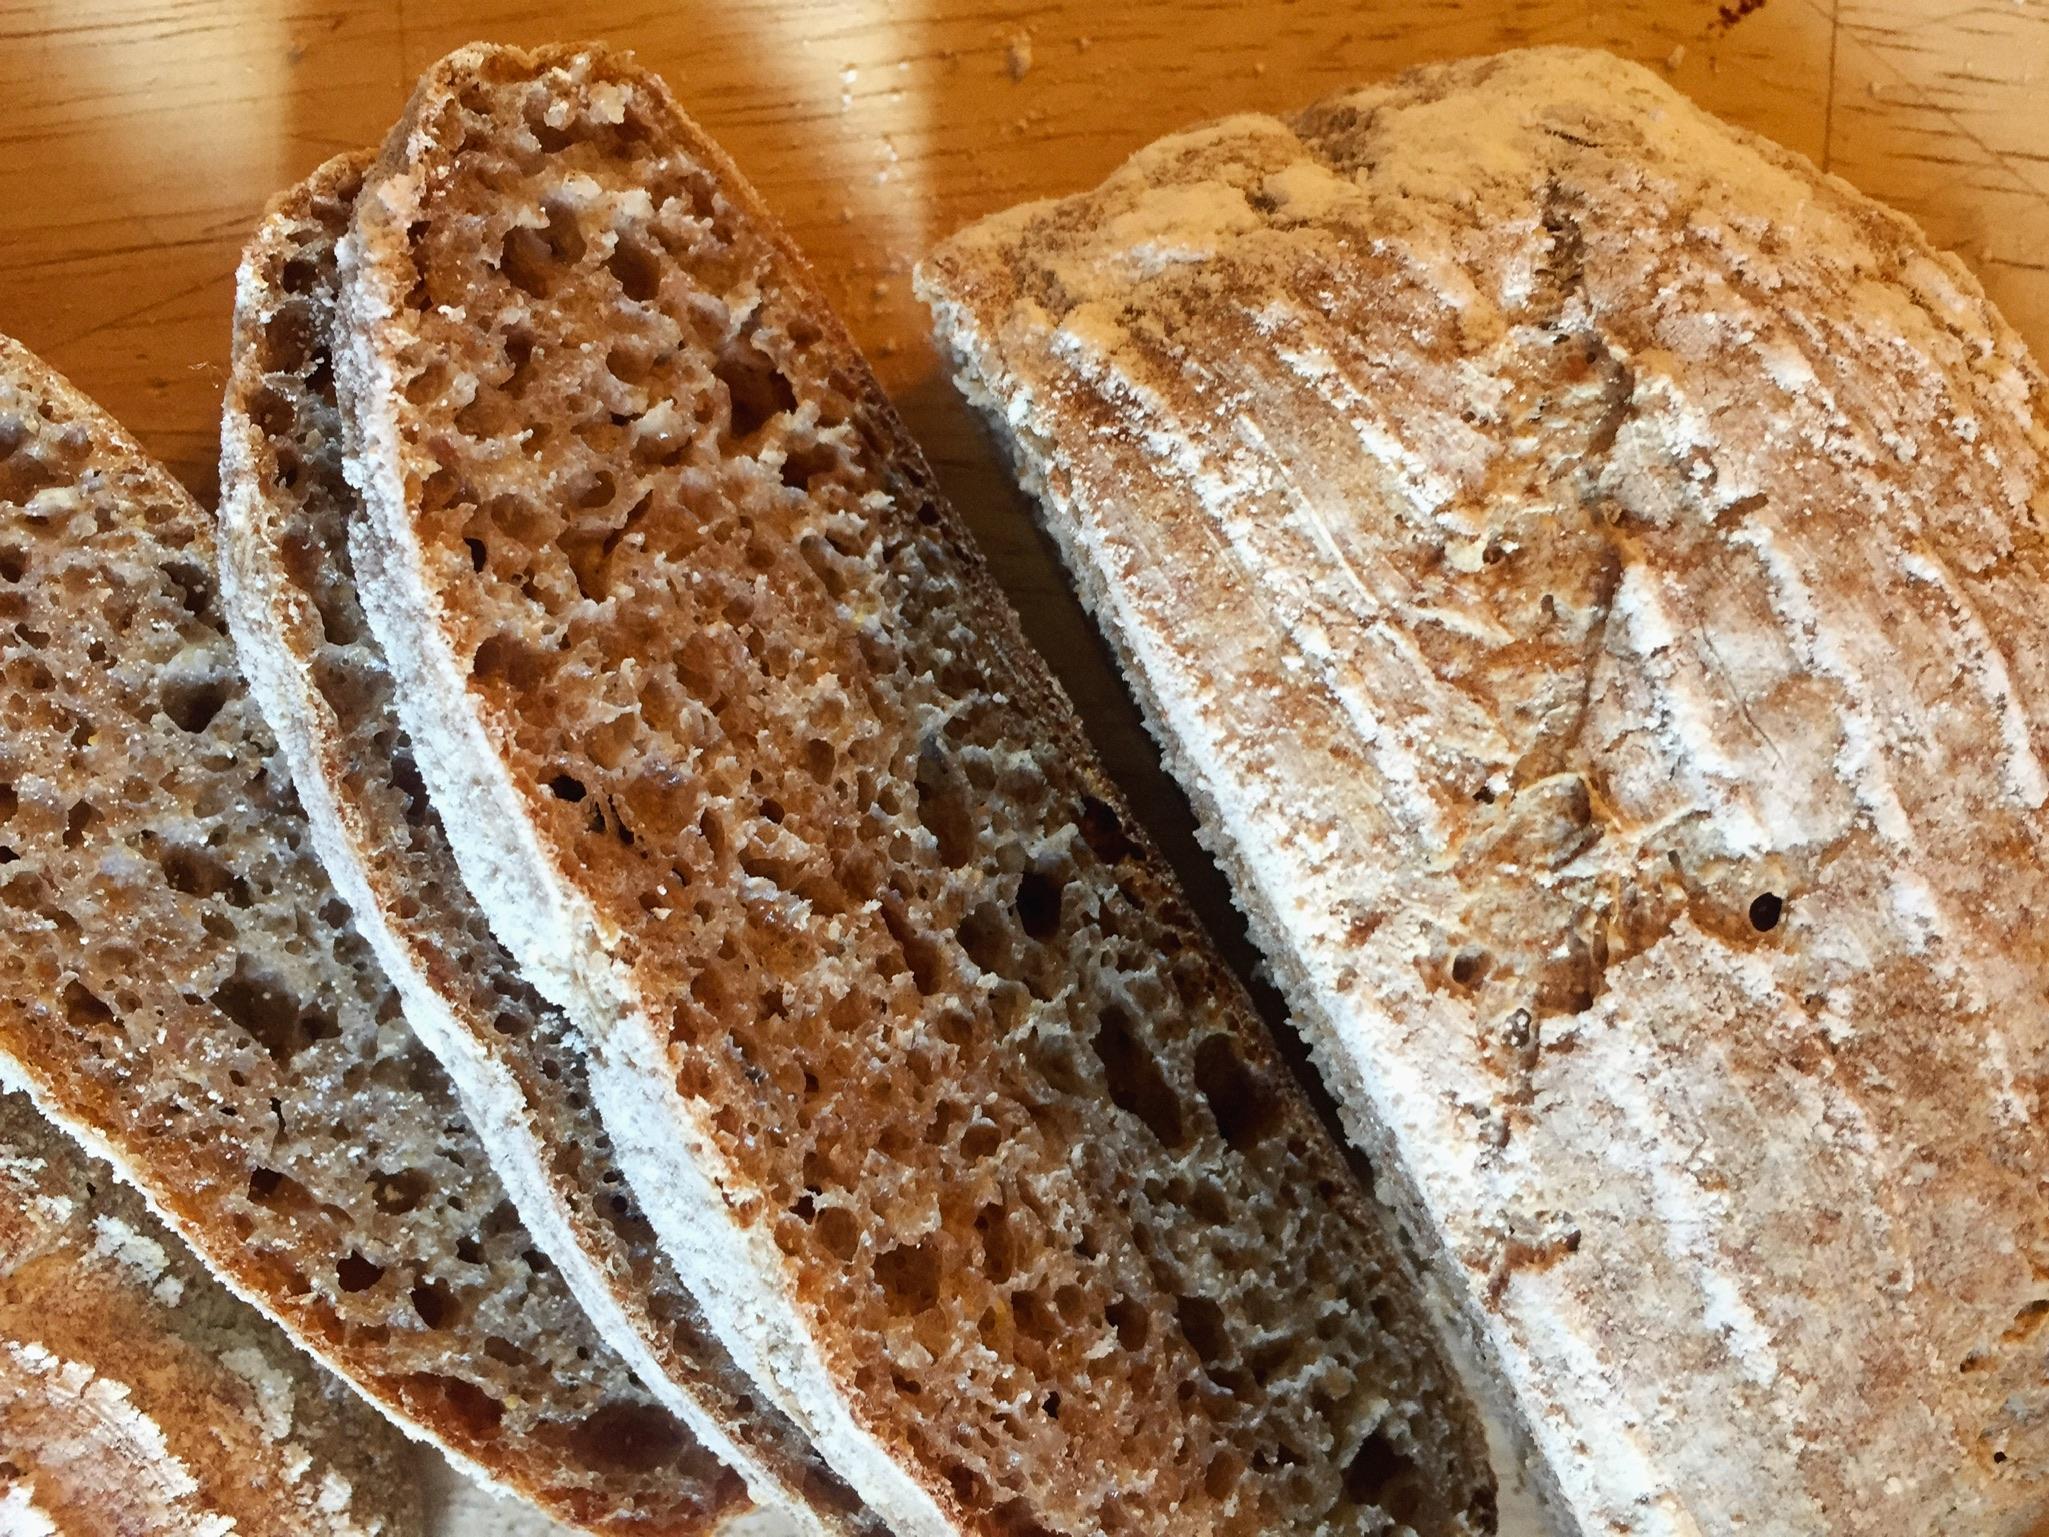 深く豊かな古代小麦・ライ麦の香りが味わえる、新しいパンの詰め合わせのお知らせ